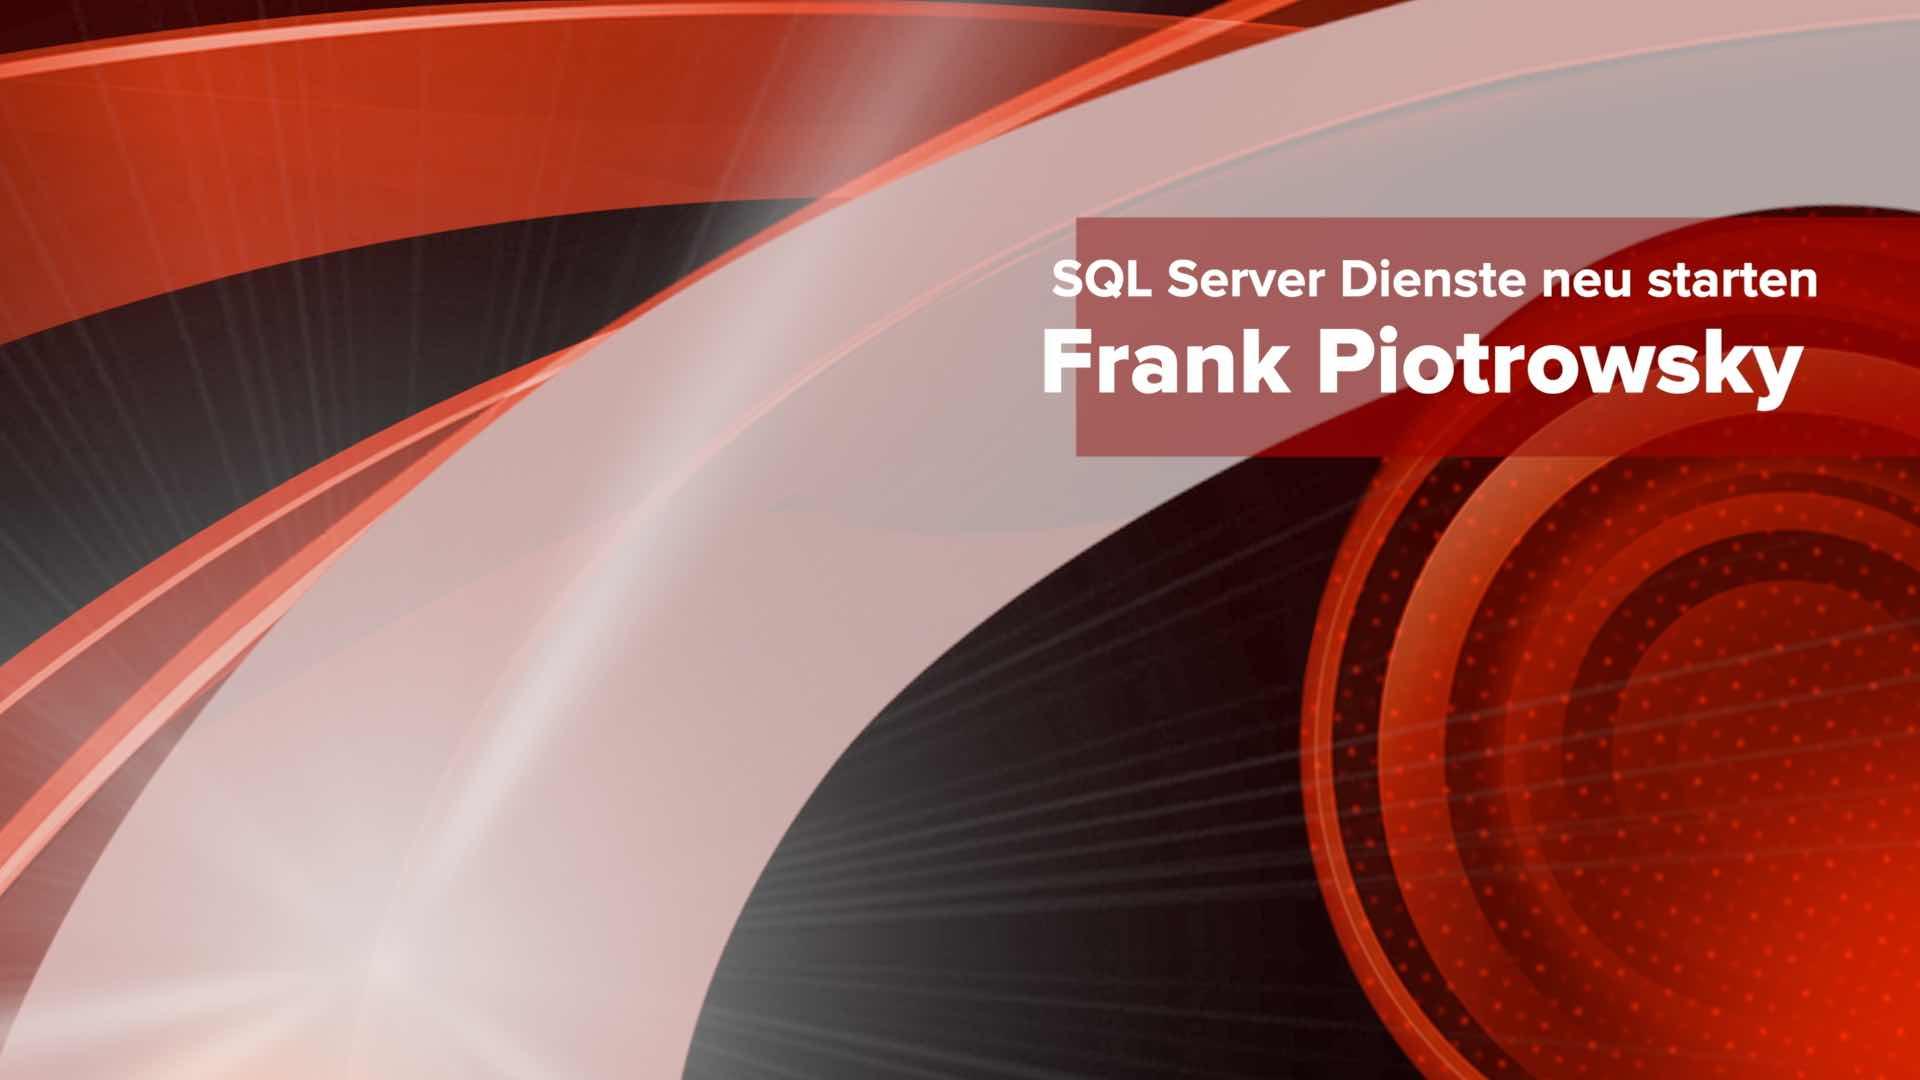 SQL Server Dienste